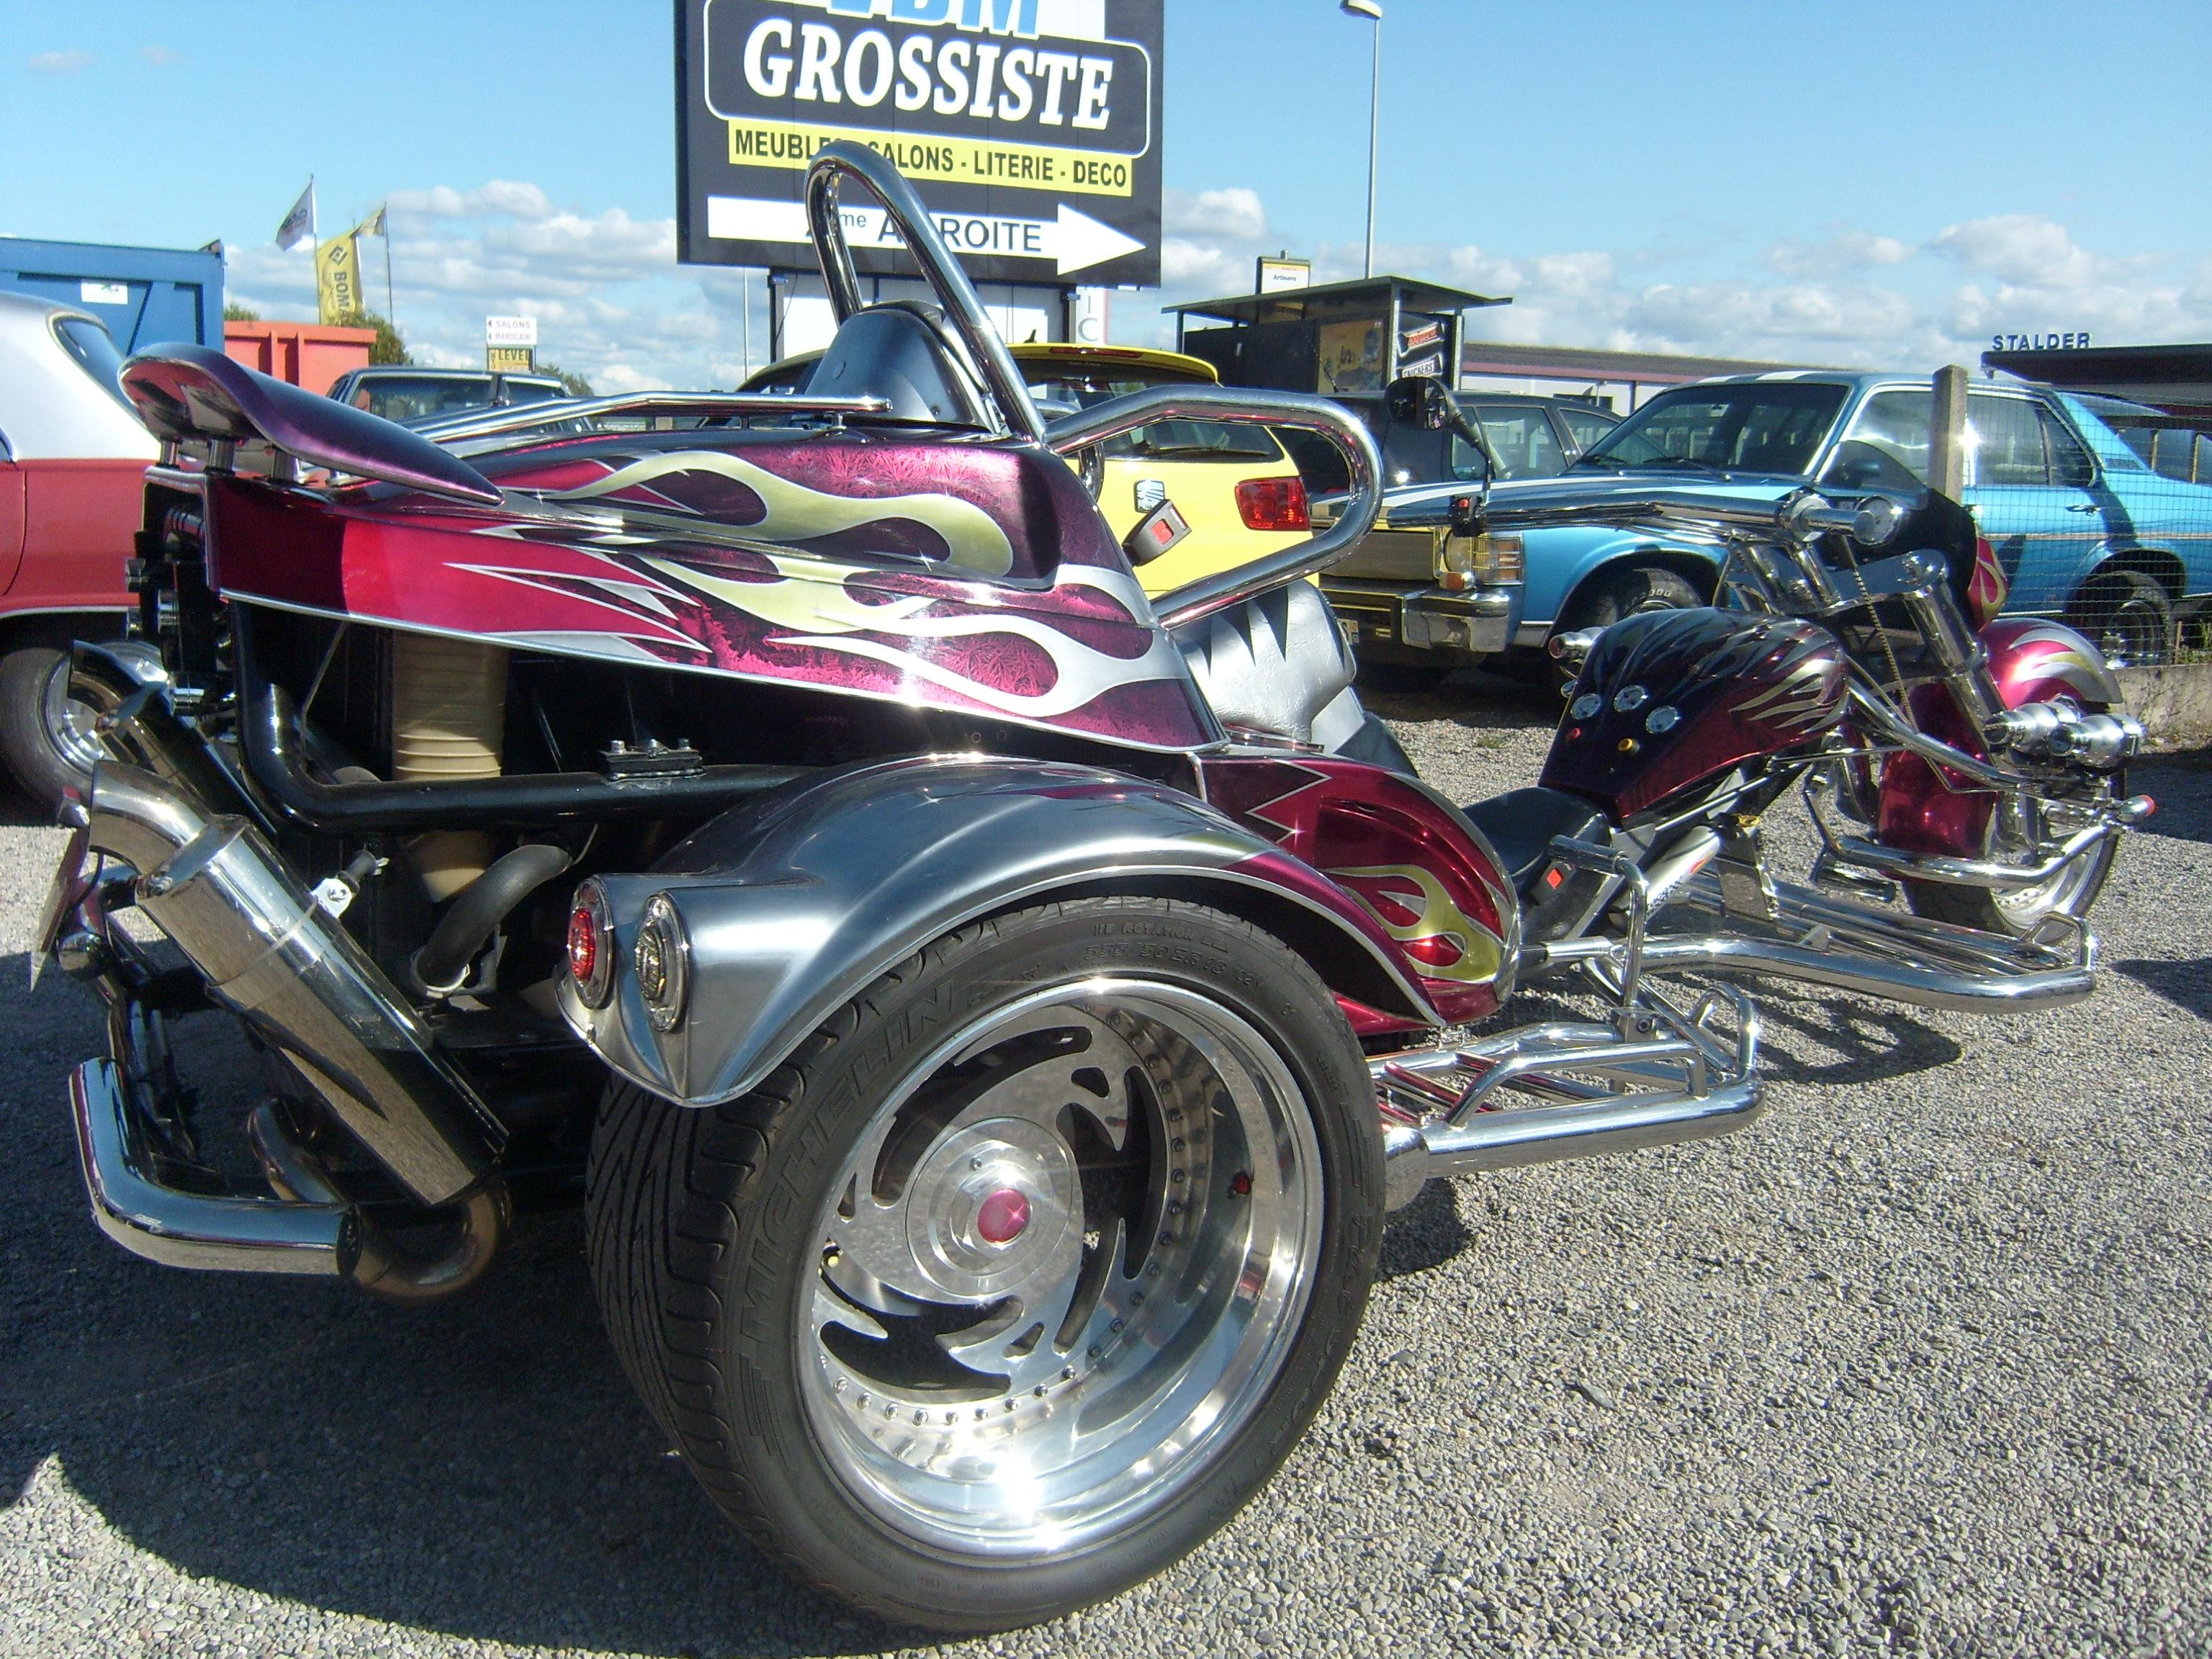 trike boom x11 fighter 2006 17000 kms moteur 2 litres 140cv fun trike. Black Bedroom Furniture Sets. Home Design Ideas